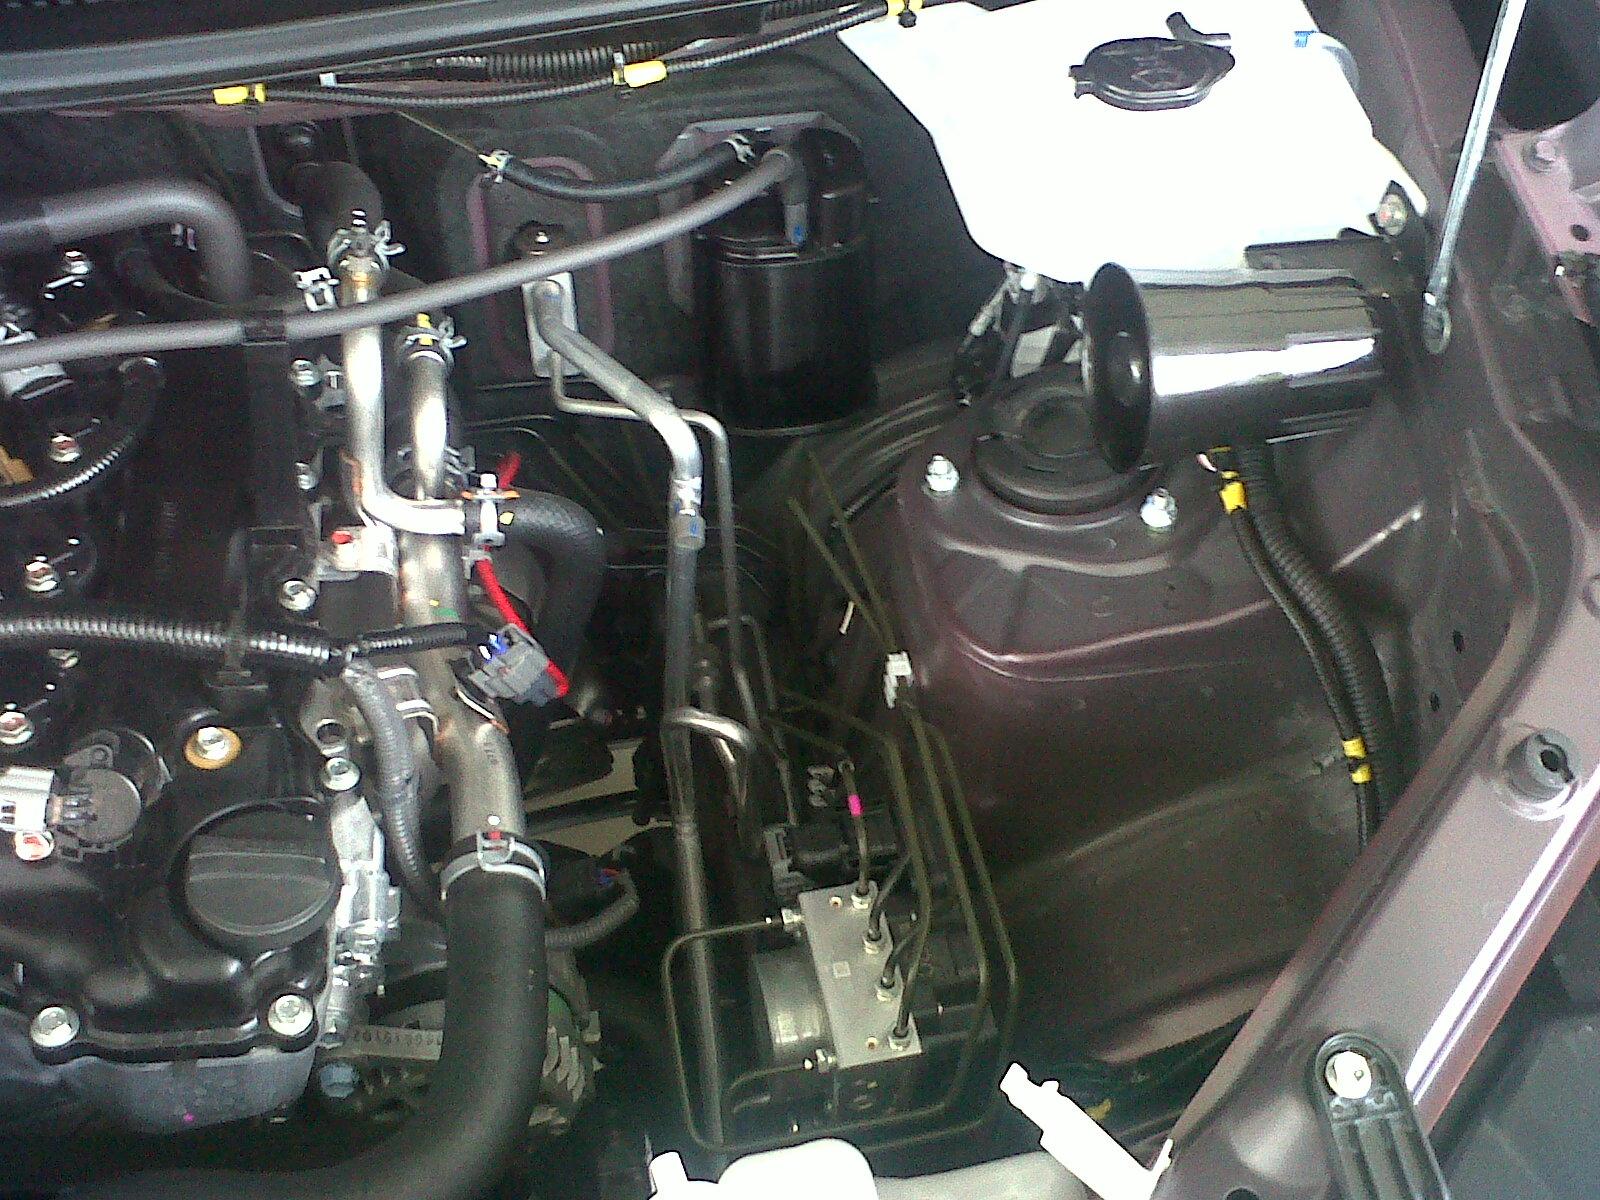 Grand New Avanza Tipe E Abs Konsumsi Bbm Veloz 1.3 Toyota Cash Credit Or Trade In Type 1 3 G 5 Dan Kecuali Sudah Dilengkapi Sistem Pengereman Anti Lock Braking Proteksi